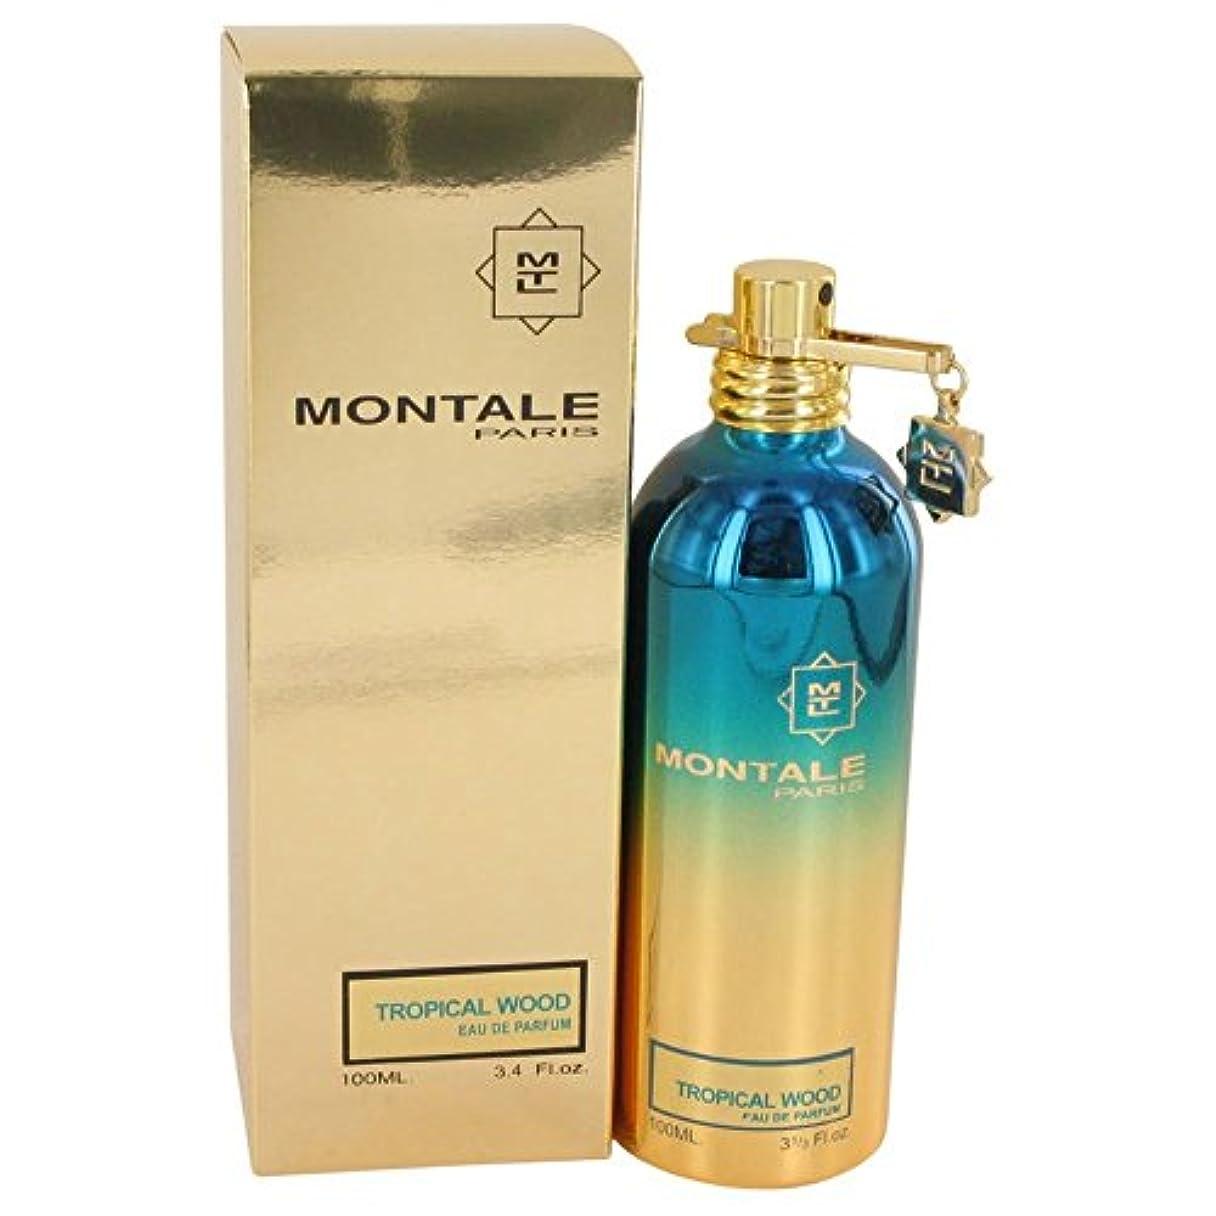 ガソリン掘るルビーMontale Tropical Wood 100ml/3.4oz Eau De Parfum Spray Unisex Perfume Fragrance